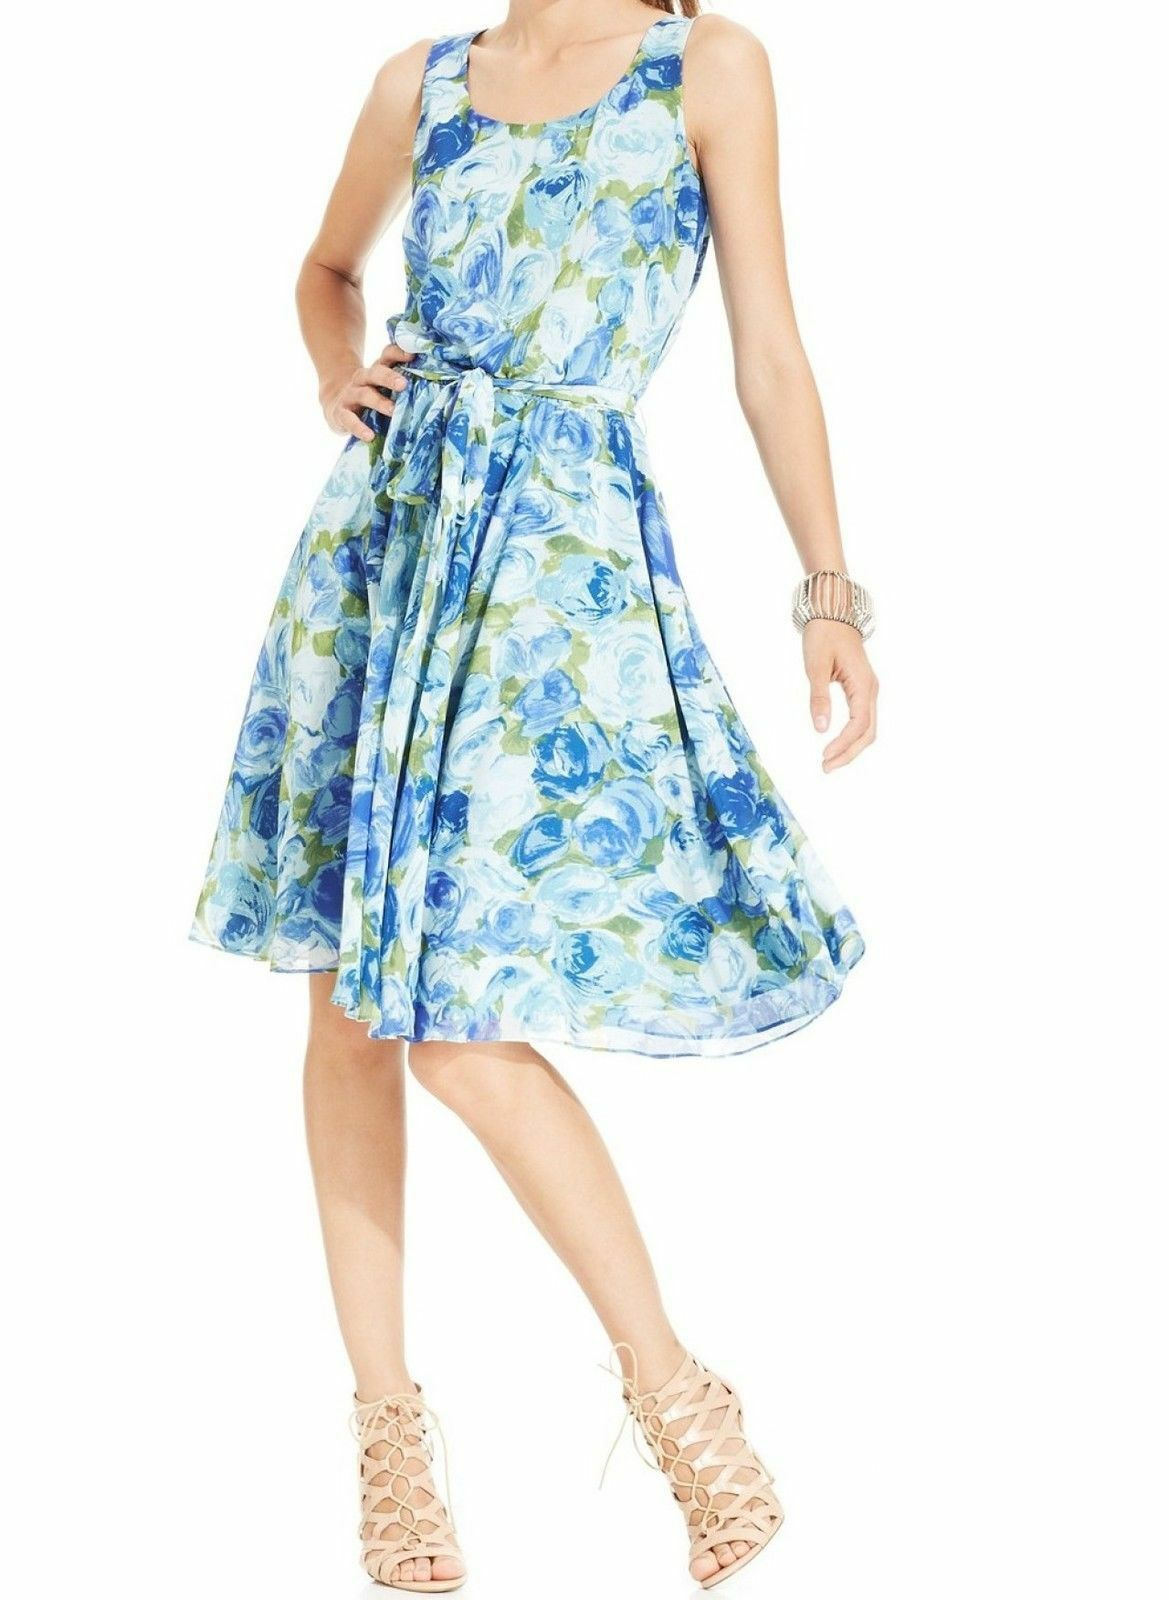 Neuf avec étiquette Betsey Johnson sz2 Mousseline Motif Floral plissiert Manteau Fête dans Cobalt